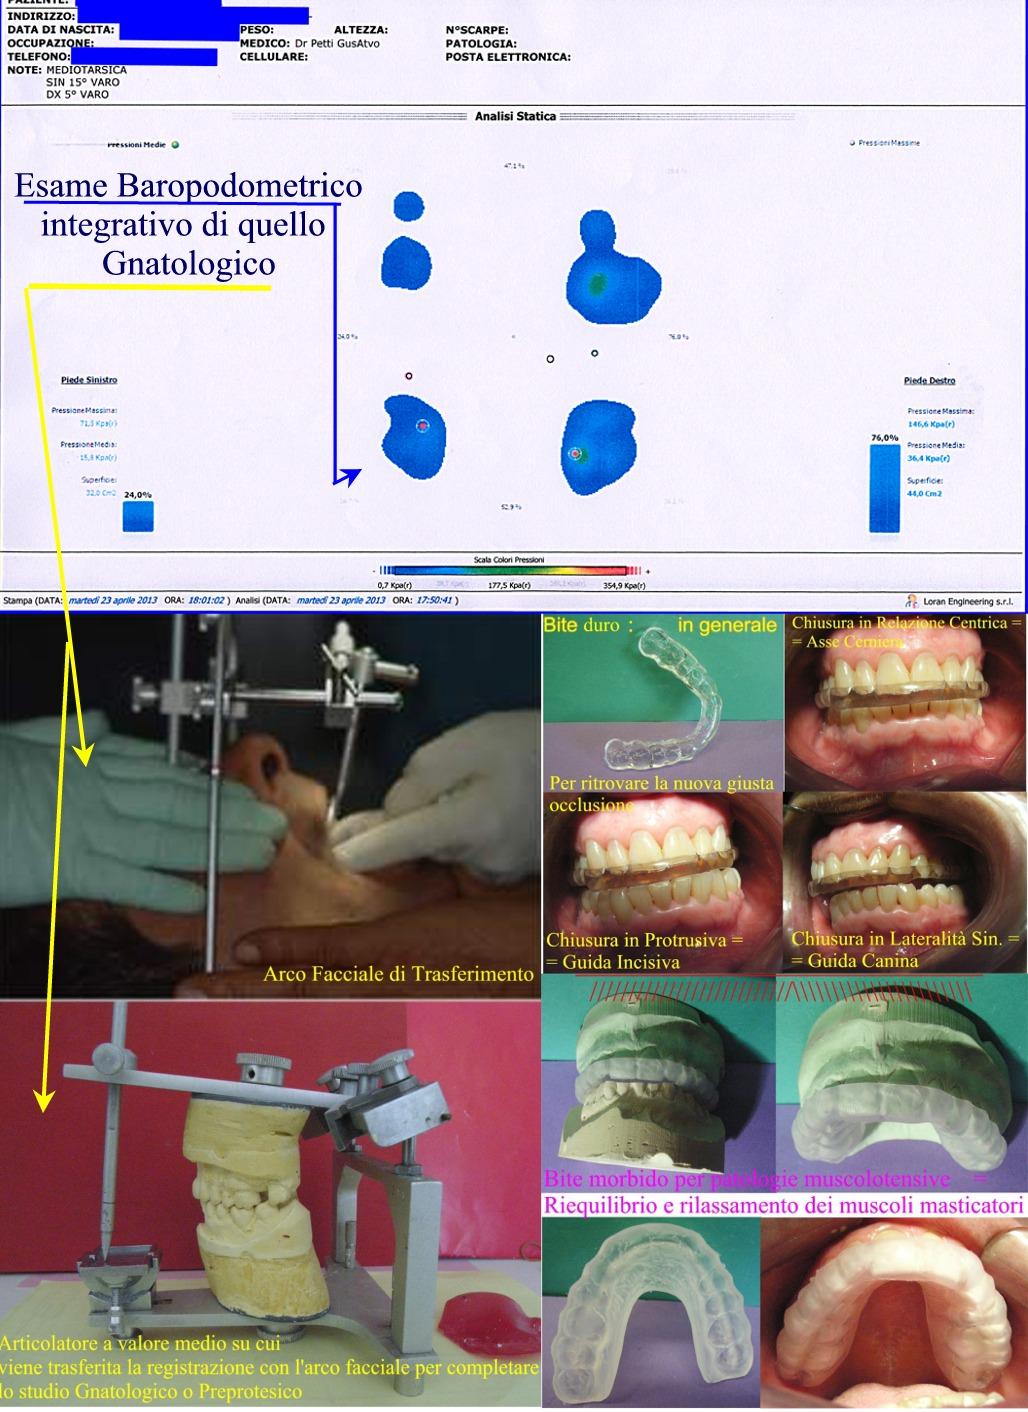 Parte di Analisi Gnatologica con Arco Facciale e Stabilometrica. Da Dr. Gustavo Petti Parodontologo Gnatologo Riabilitatore Orale in Casi Complessi, di Cagliari